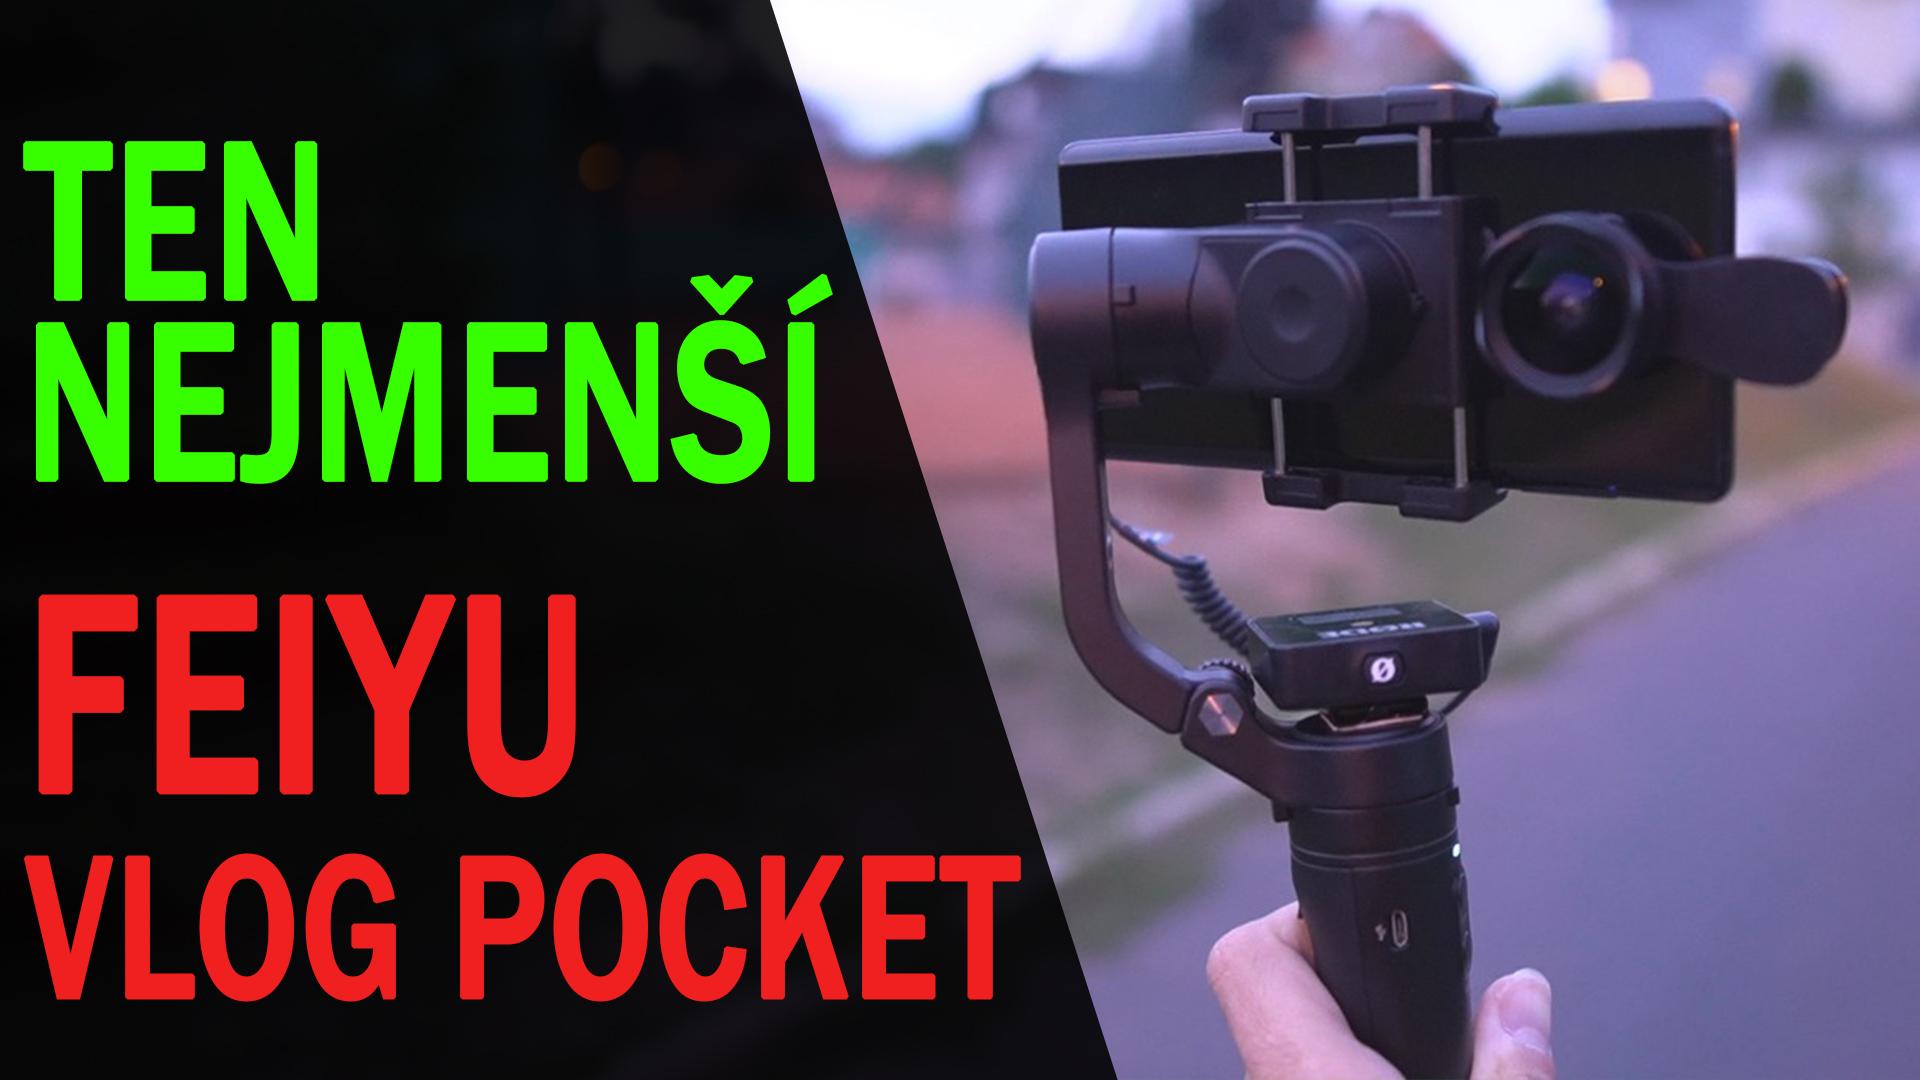 Feiyu VLOG Pocket - nejmenší 3-osý stabilizátor mobilu